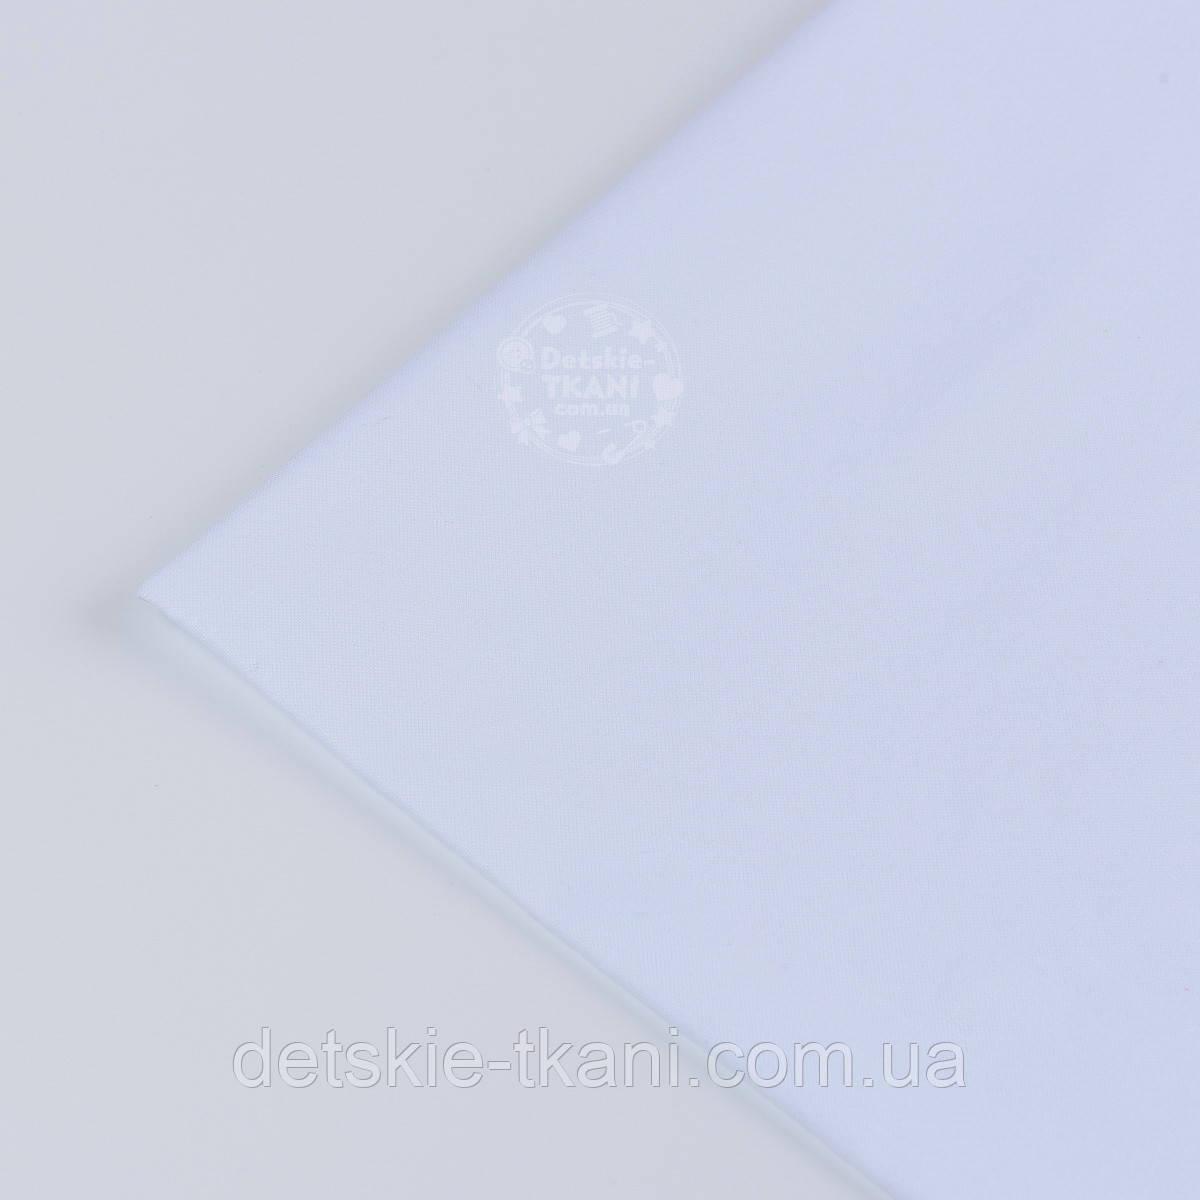 Лоскут ткани №54 однотонная ткань белого цвета